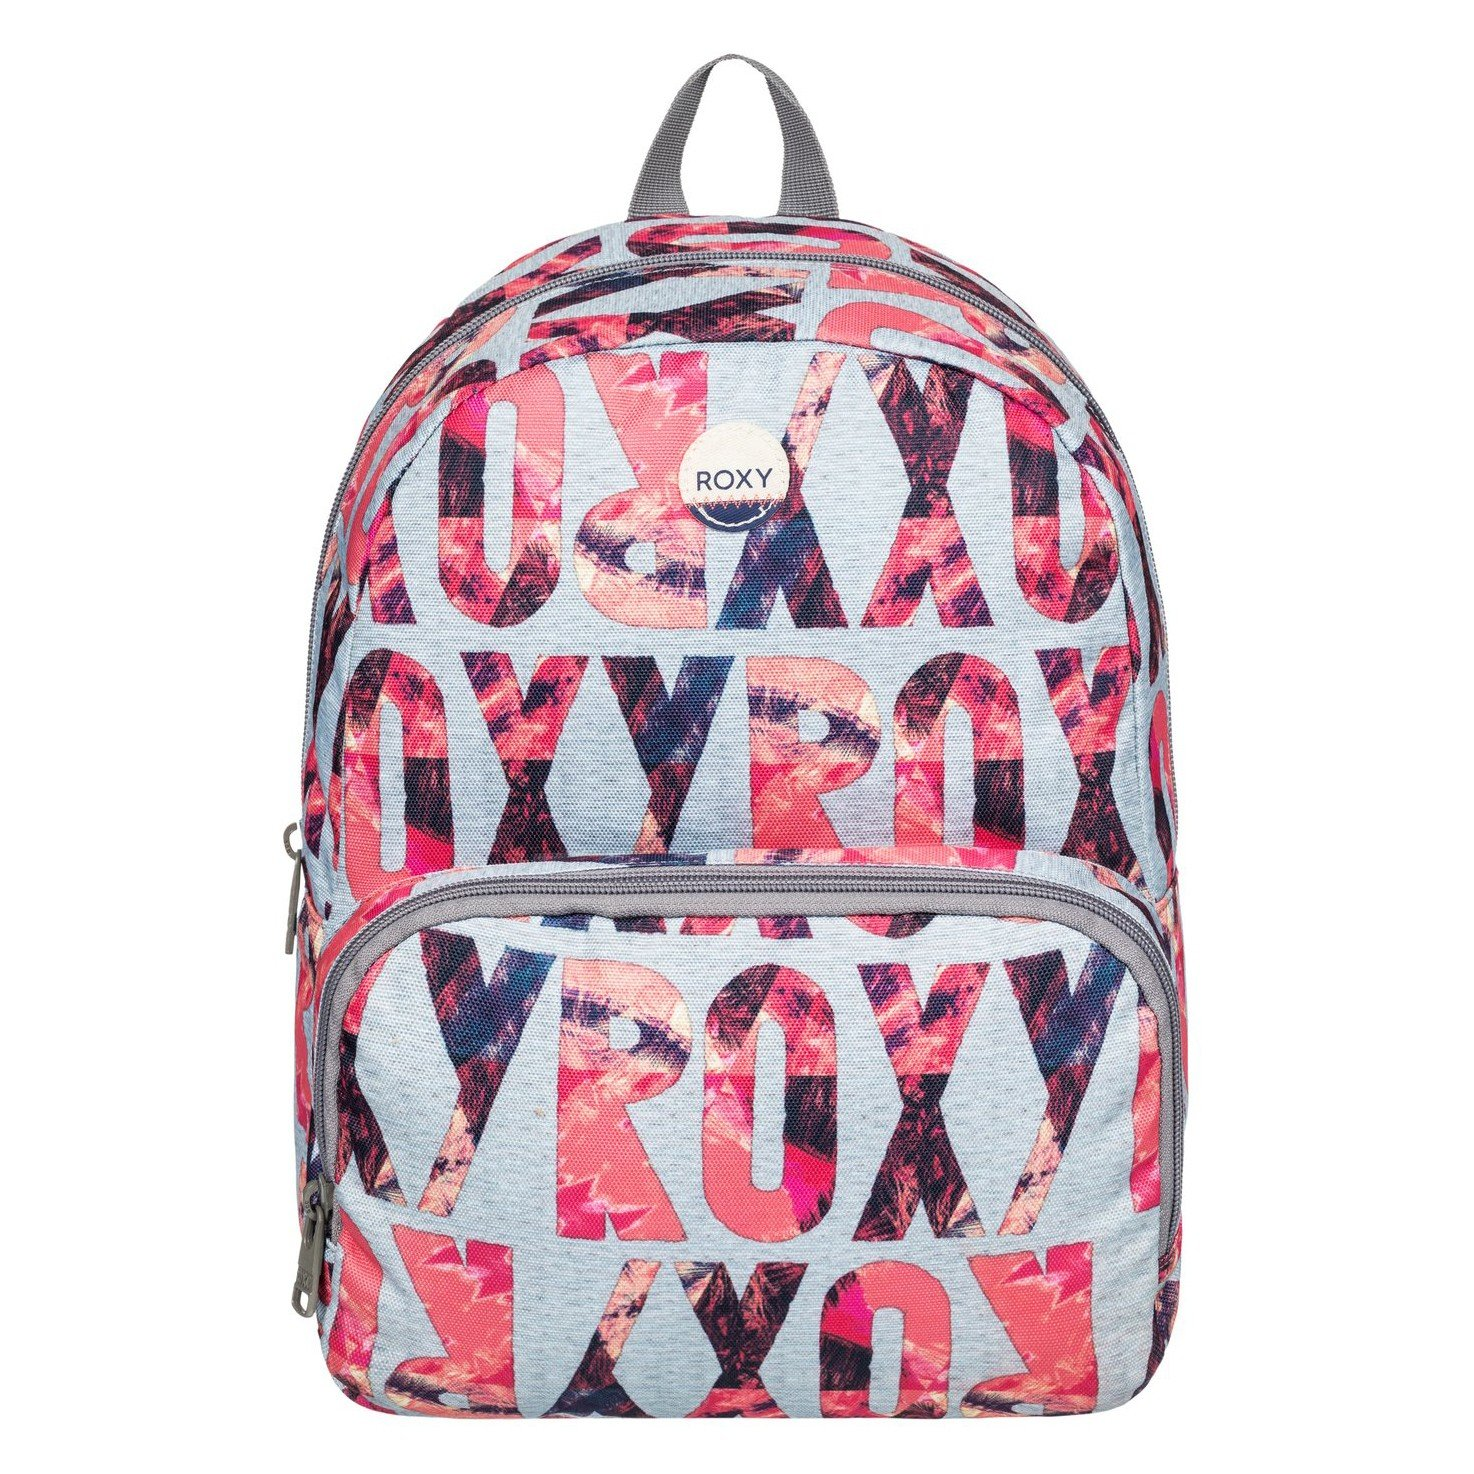 Roxy 2060 Mochila Informal para Primavera o Verano, 40 cm, 8 l, AX Heritage Heather Liquid Let: Roxy: Amazon.es: Equipaje